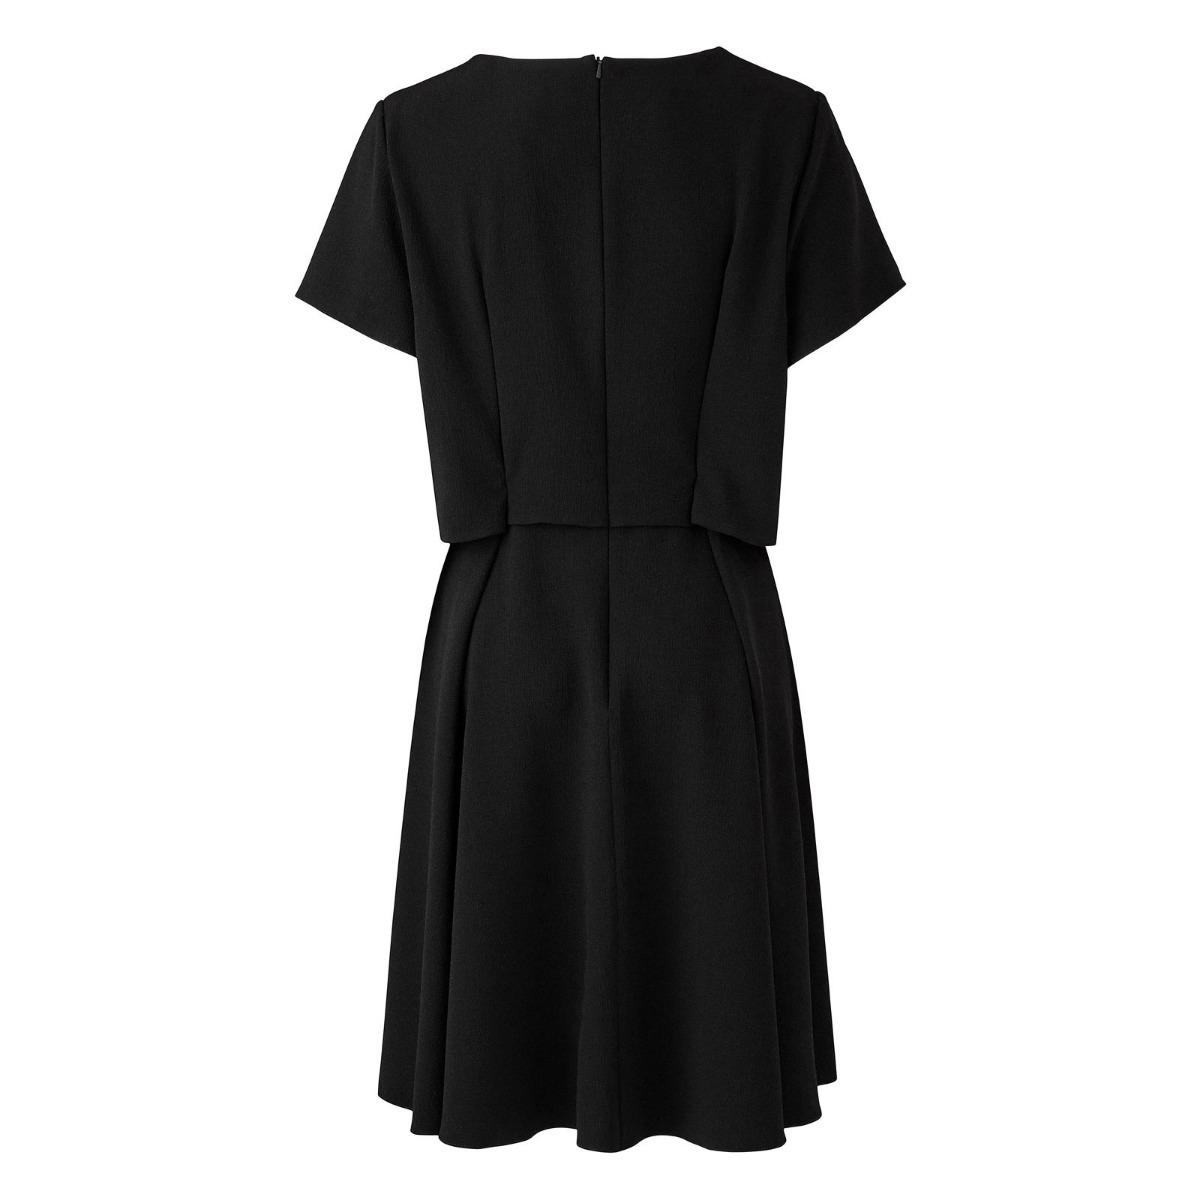 Simplybe Femme Noir Longueur Genou Soirée Robe Décontractée Couches Dentelle Taille 16-26